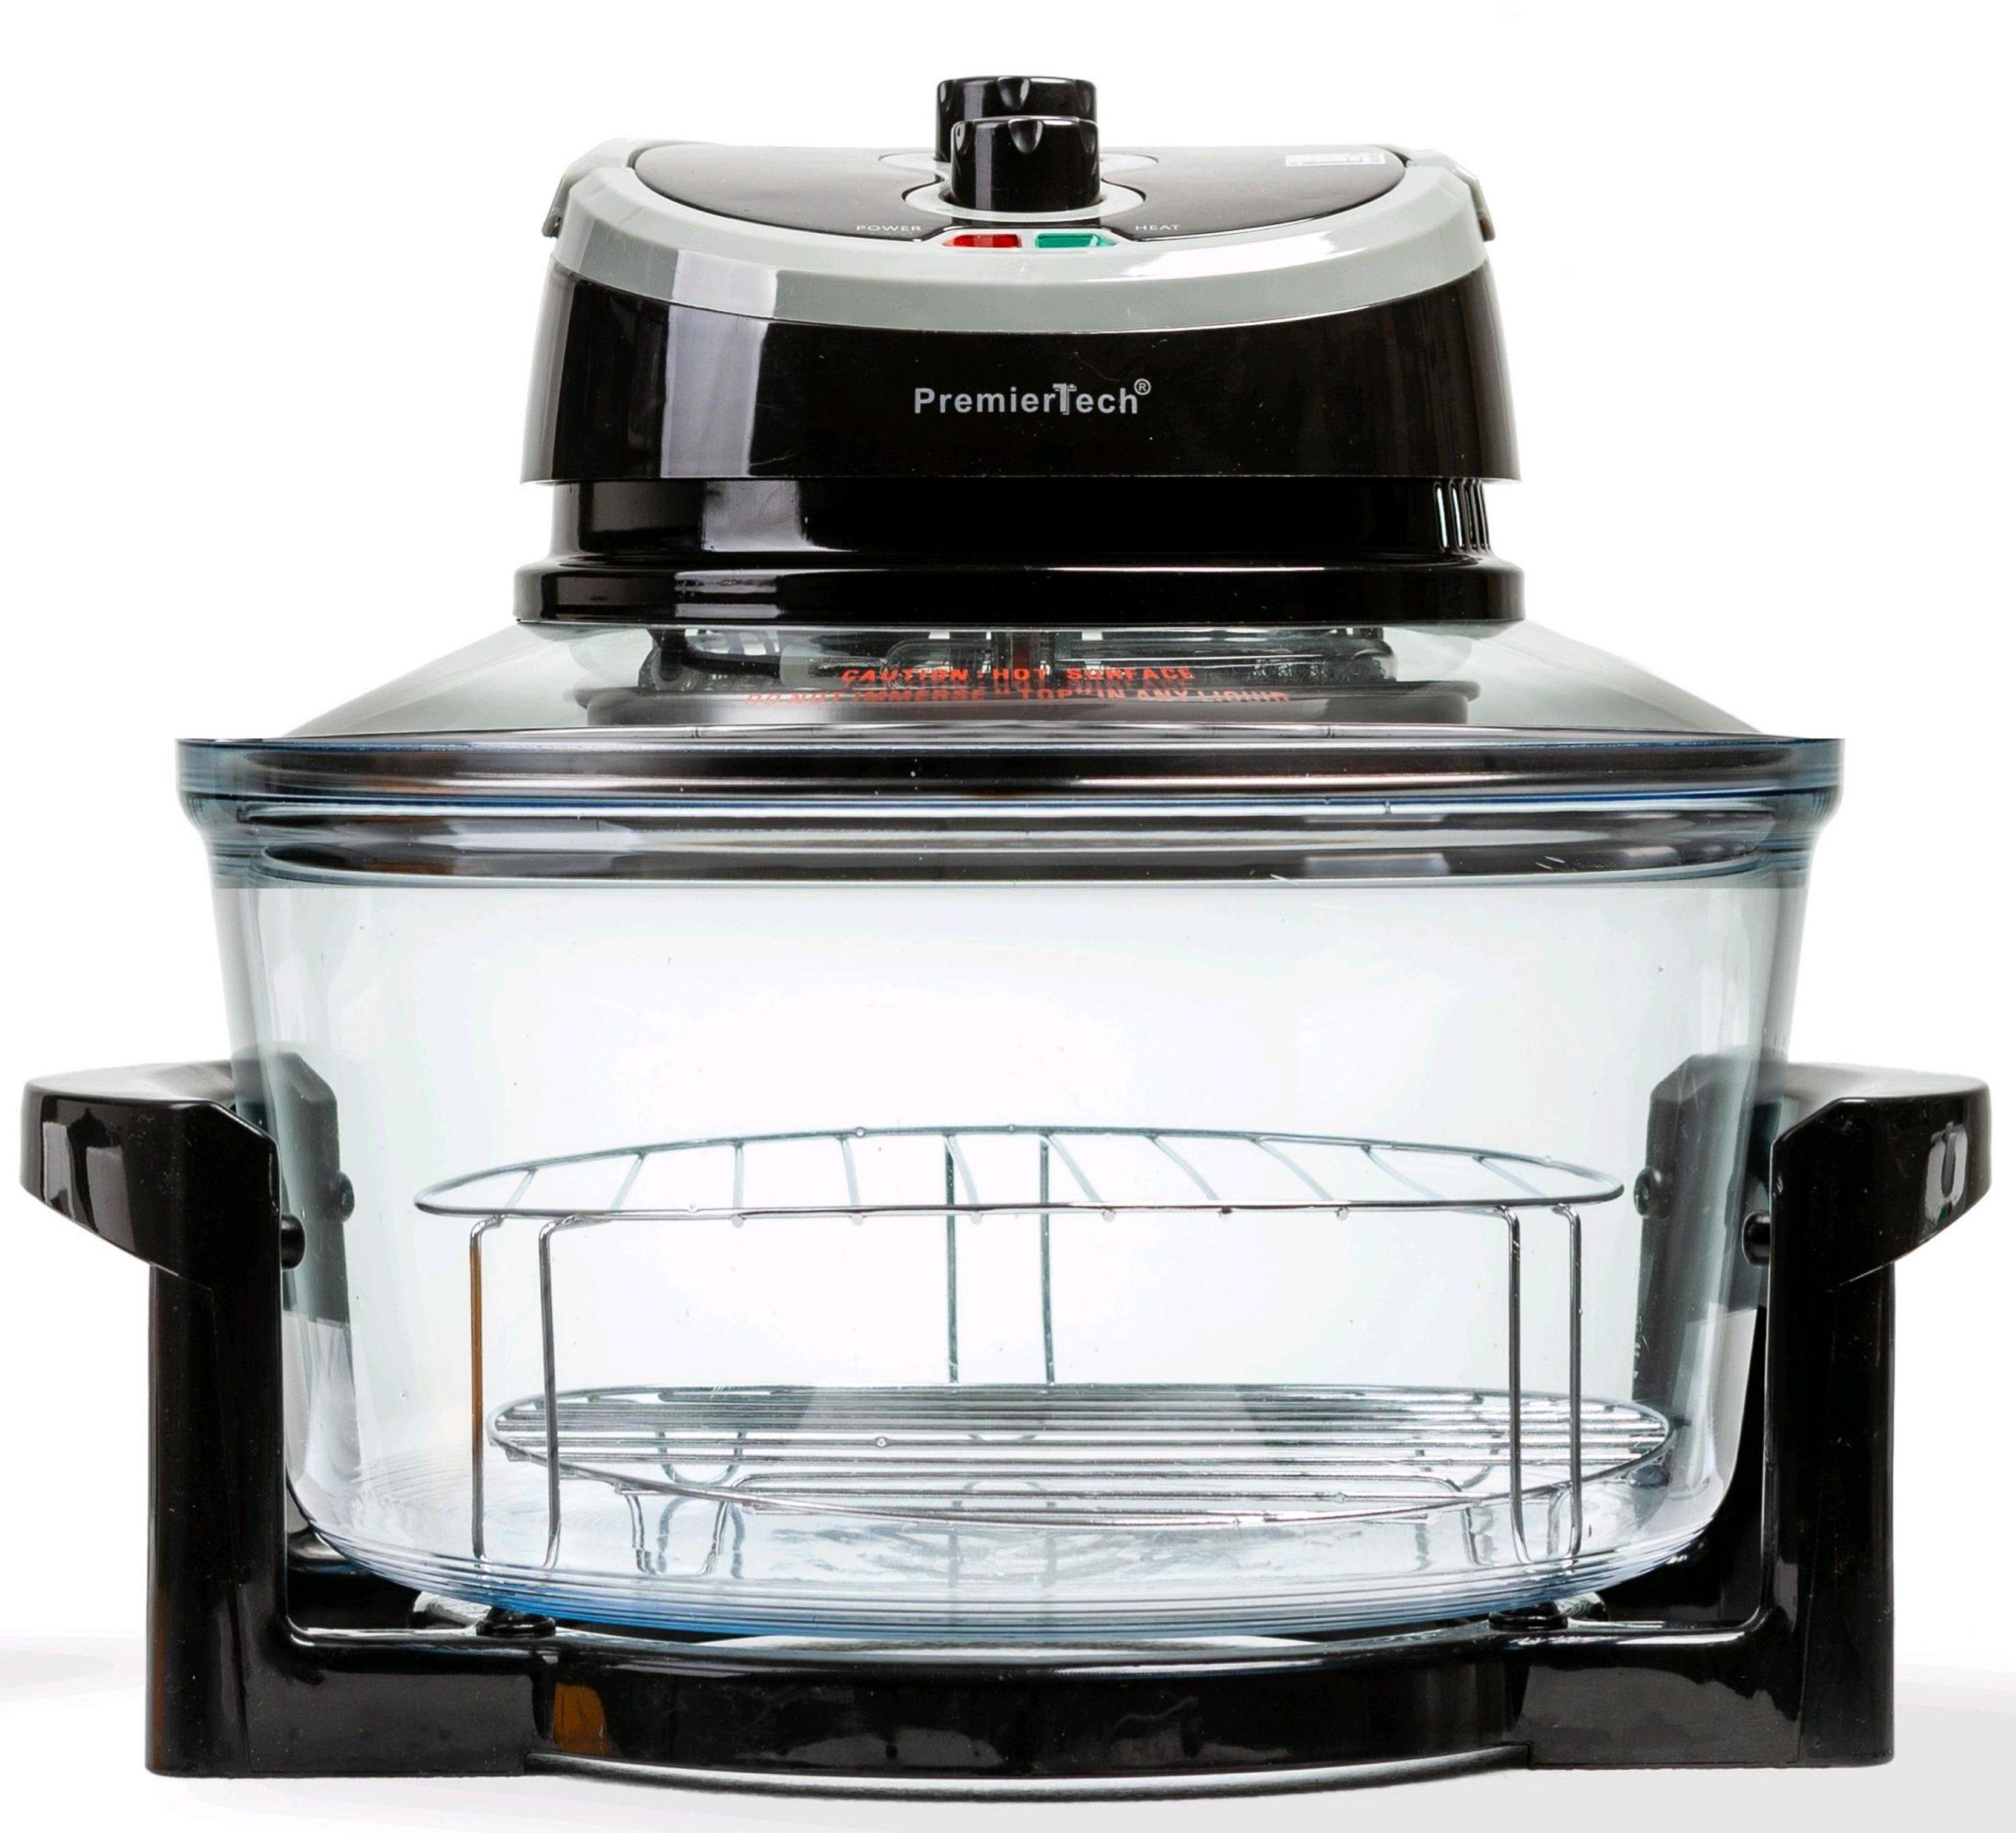 PremierTech PT-FA12B Forno Alogeno ad Aria Ventilato 17 litri 1400 watt cuoce senza olio (nero)